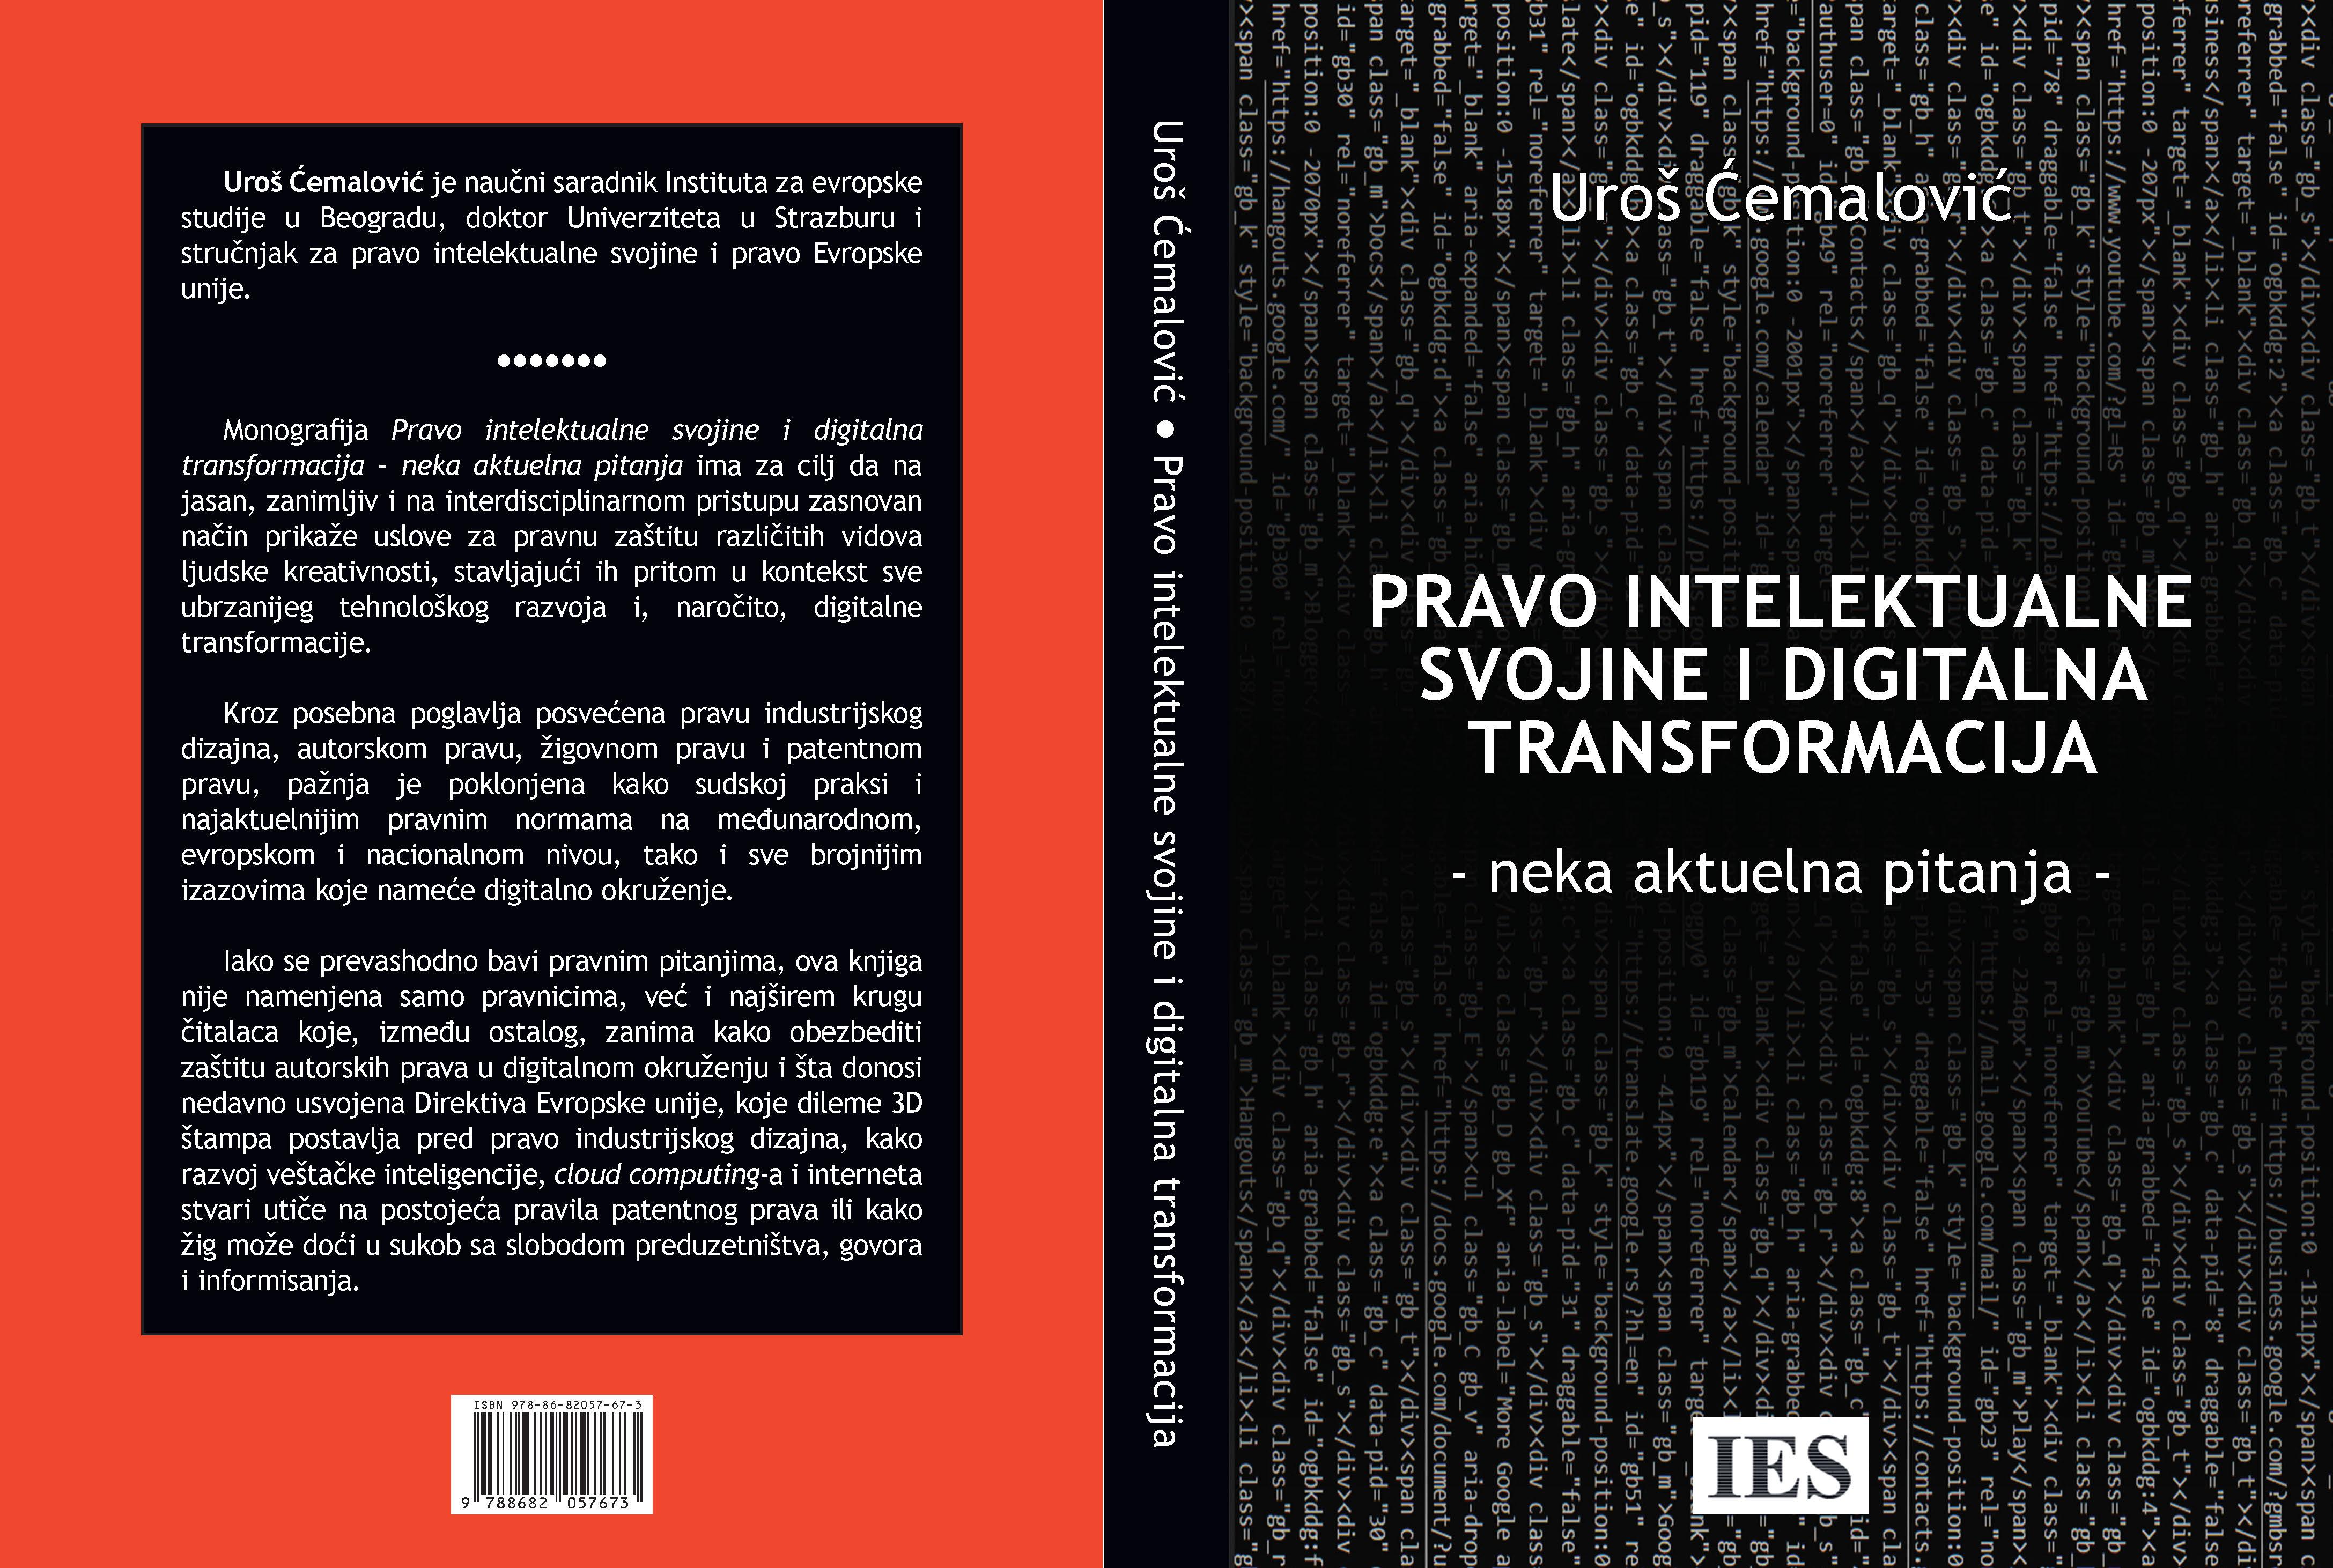 Право интелектуалне својине и дигитална трансформација: нека актуелна питања